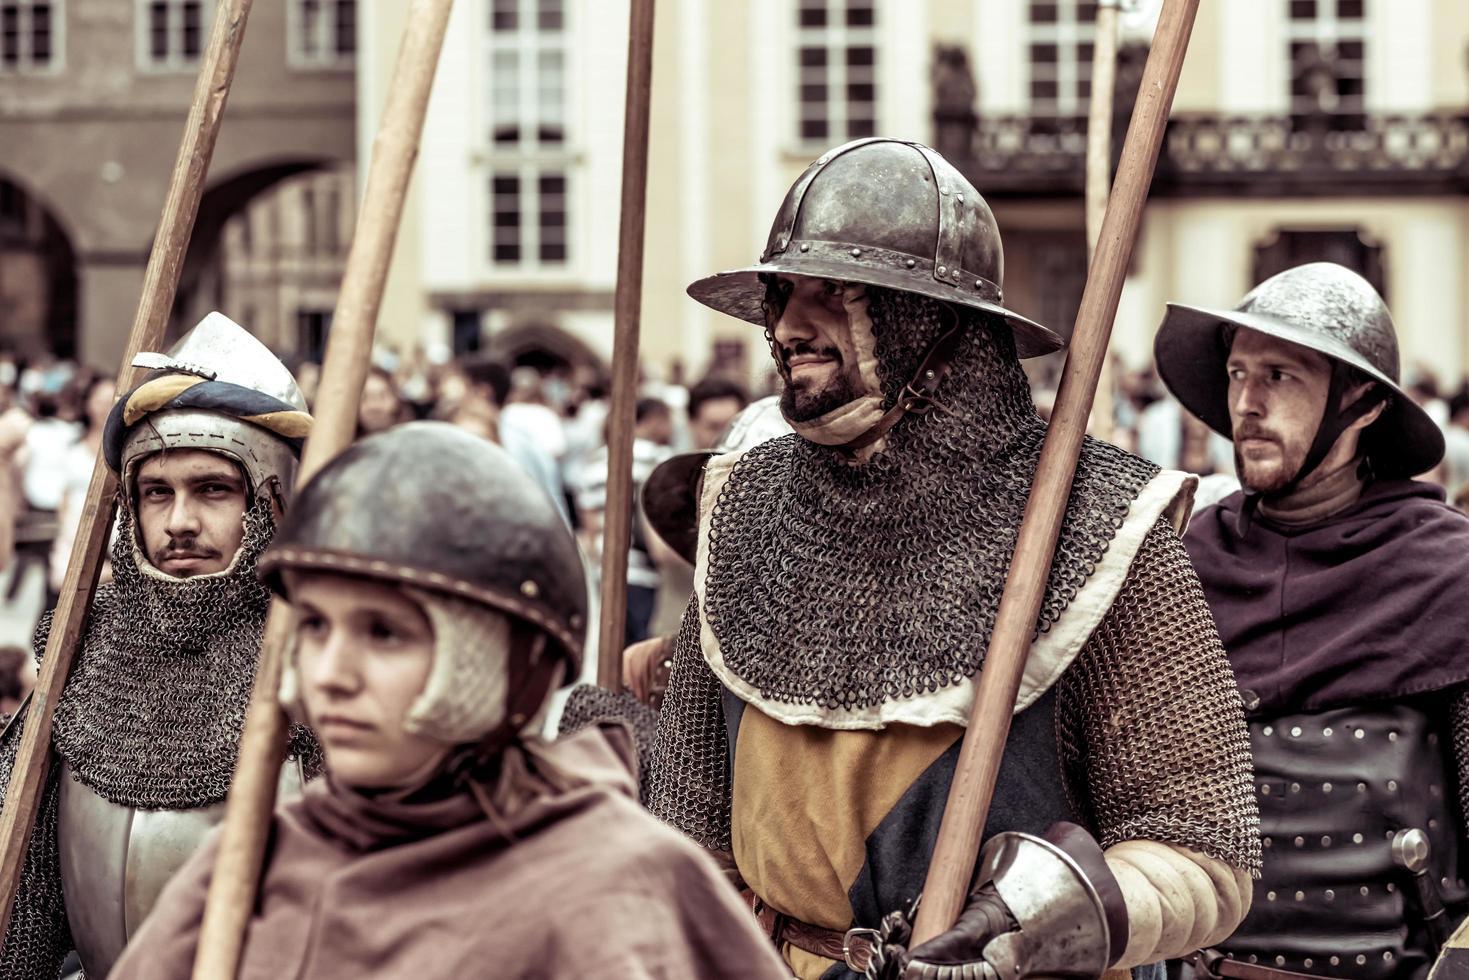 Prague, République tchèque 2016 - Des chevaliers en armure mènent la marche de Charles IV à la reconstitution du couronnement de Charles IV au château de Prague photo